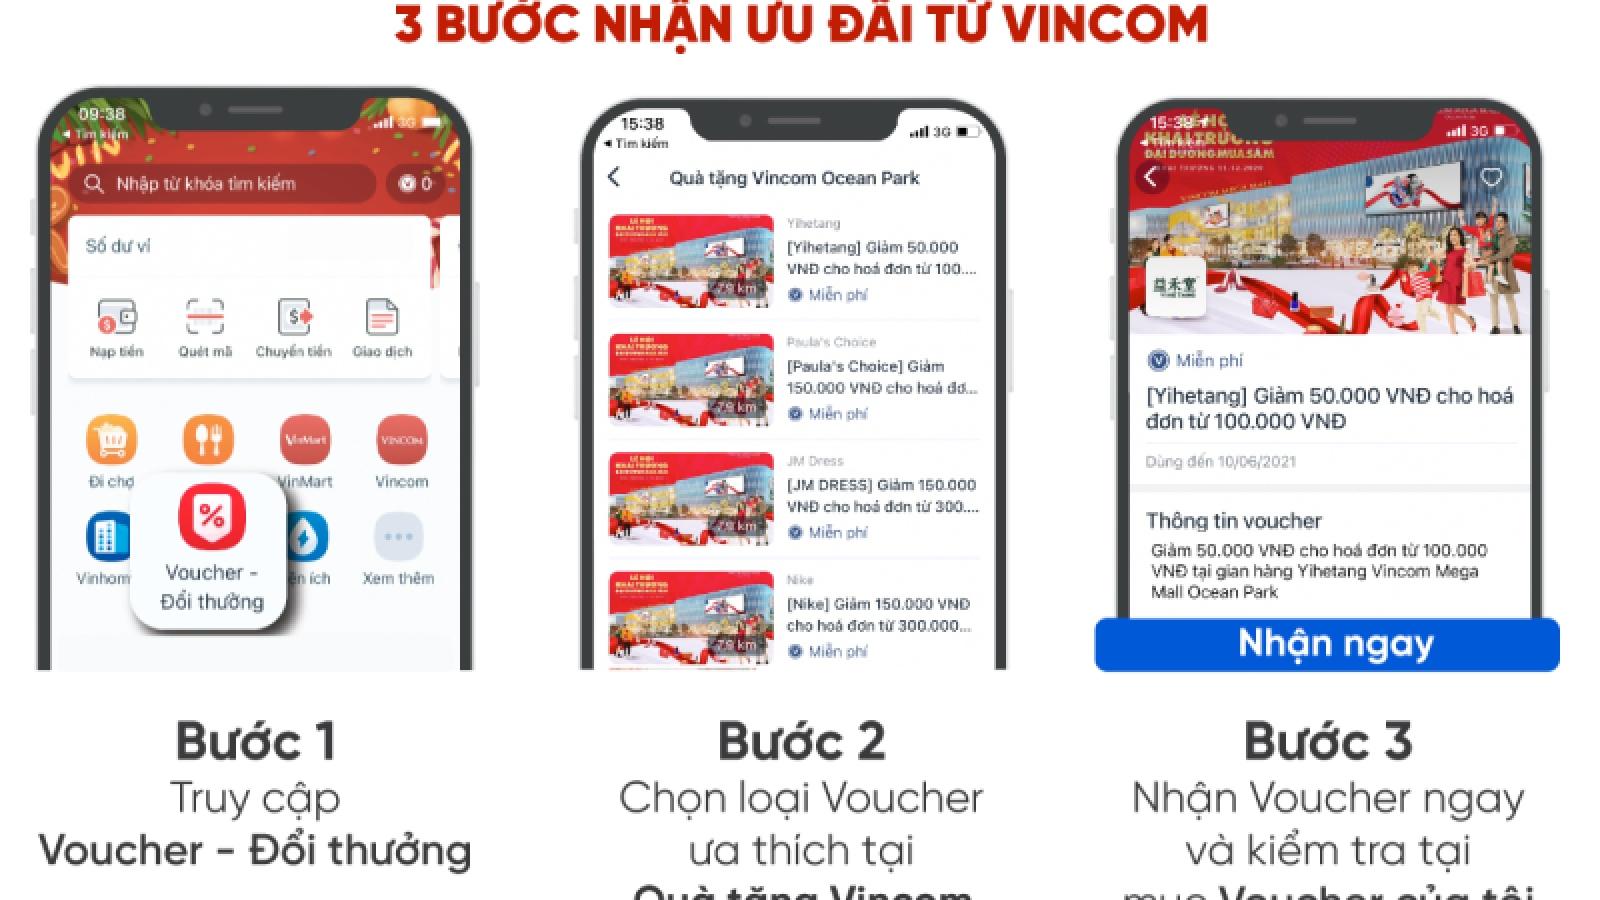 """Vincom """"chơi lớn"""" tung ra hàng triệu voucher với tổng giá trị tới gần 80 tỷ đồng"""